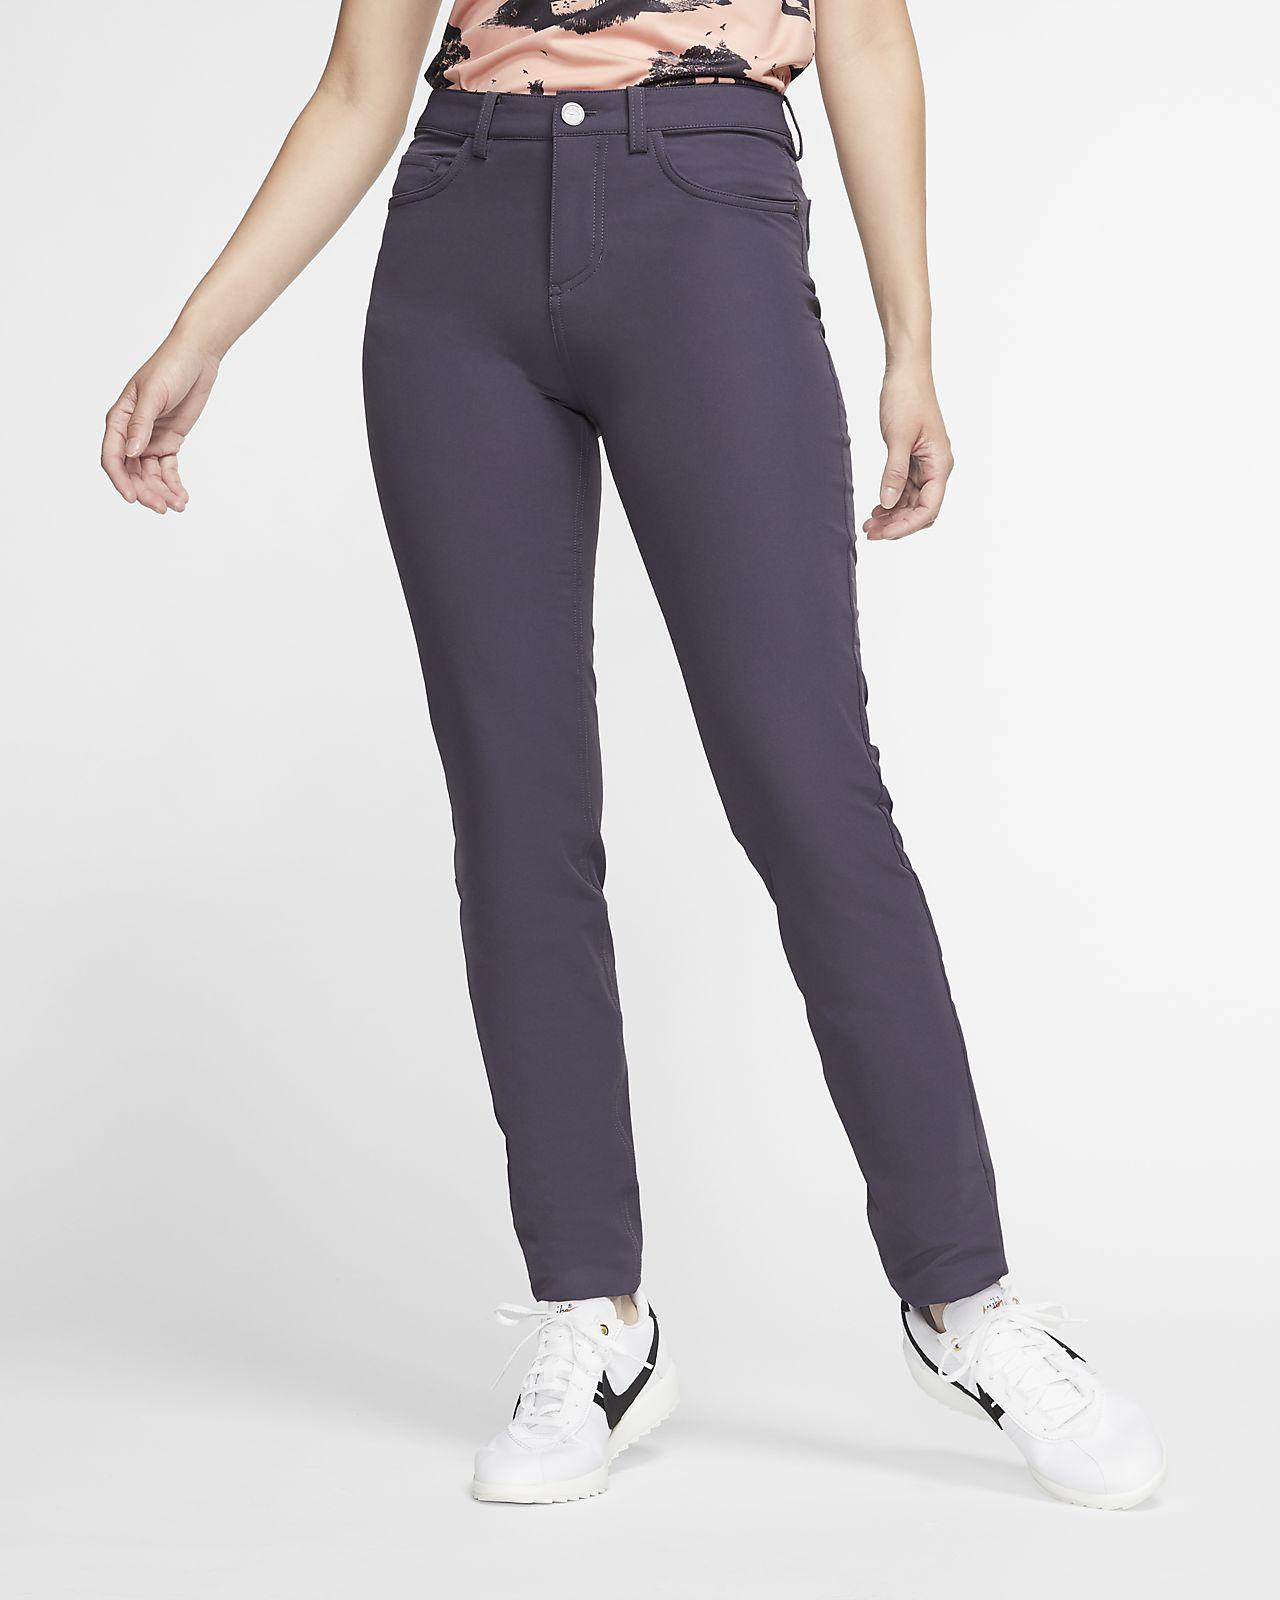 Pantalon de golf Nike Repel pour Femme